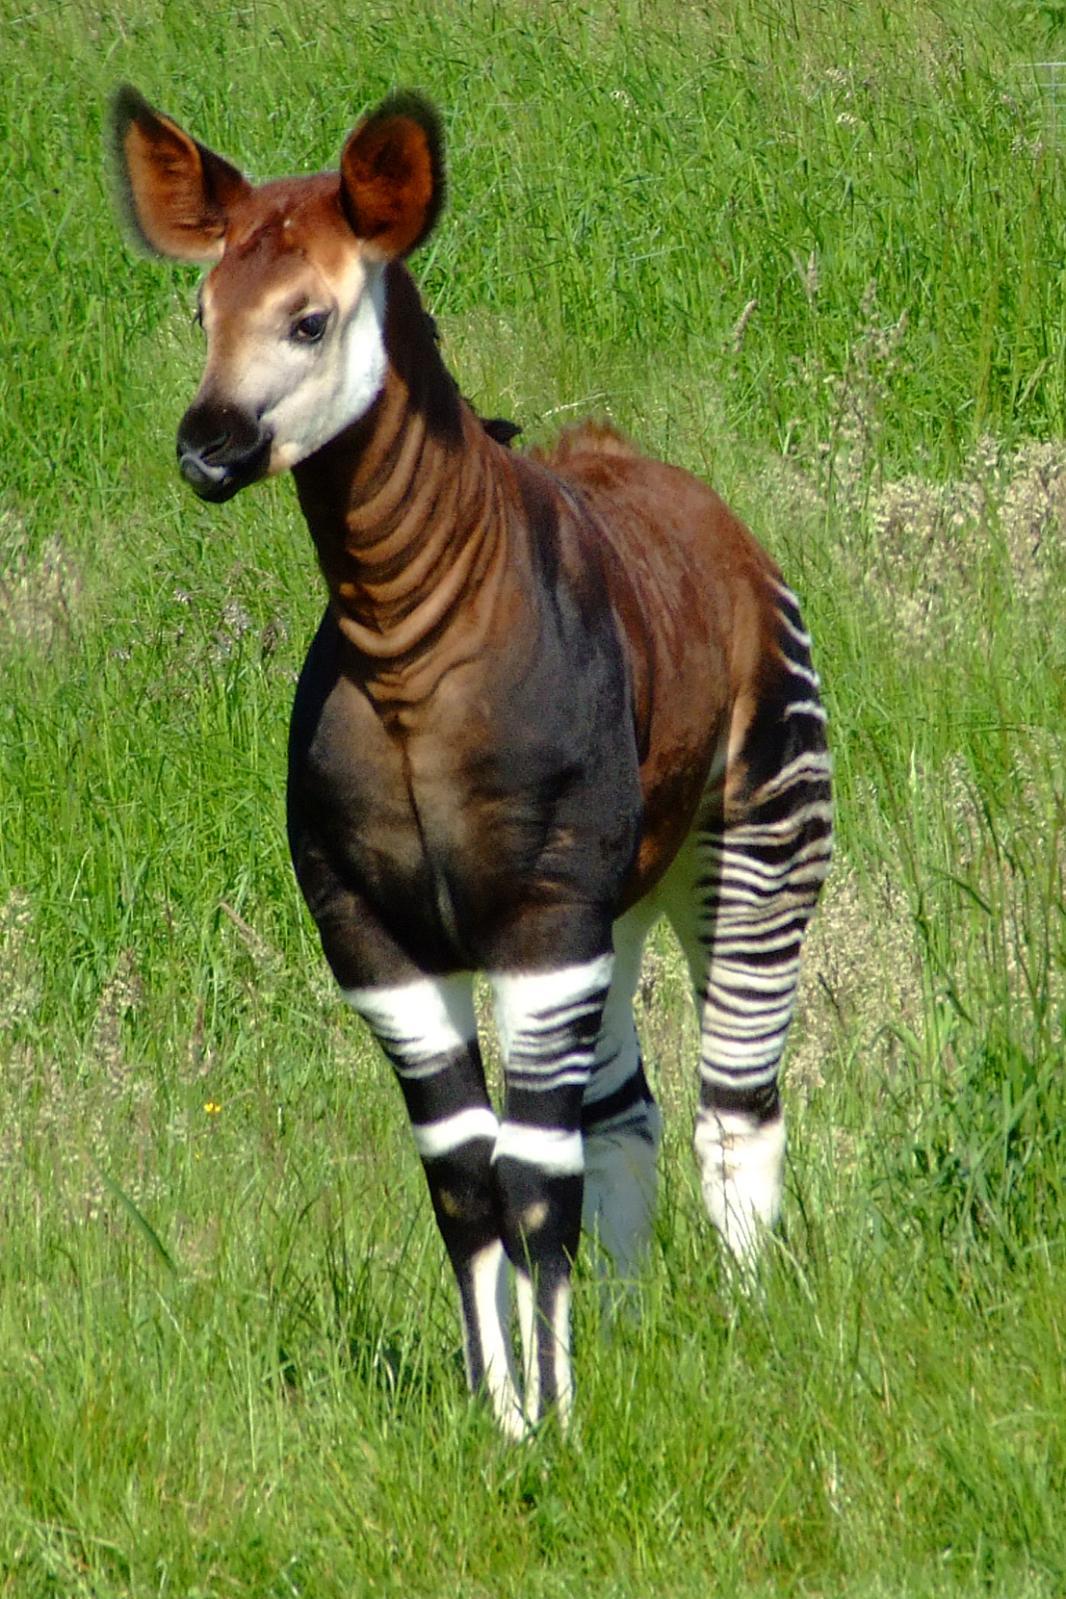 Sånn ser en okapi ut. Den likner litt på en hest, og litt på en sebra, men er sjiraffens nærmeste slektning.